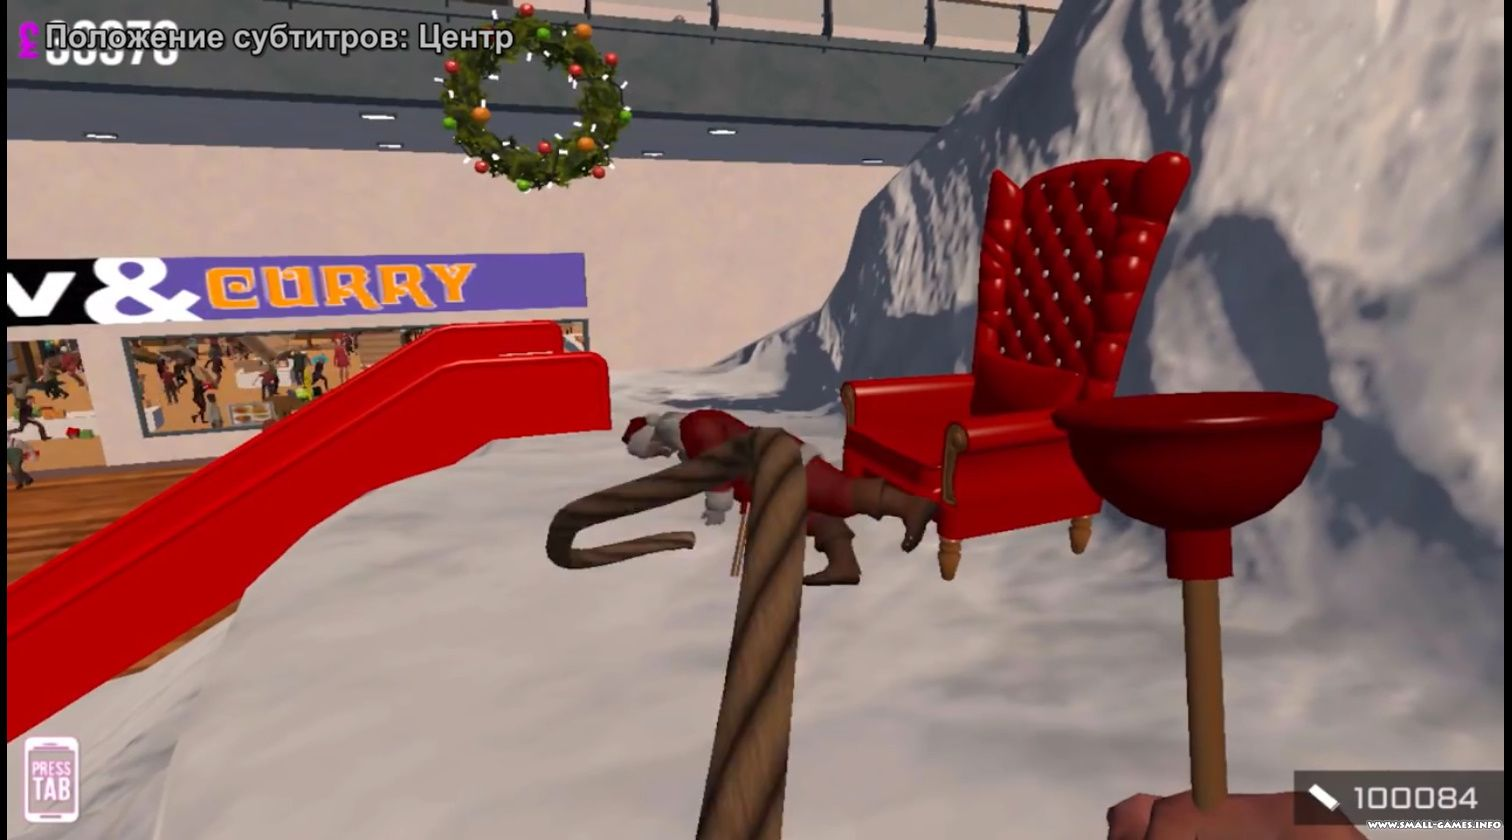 Christmas shopper simulator 2